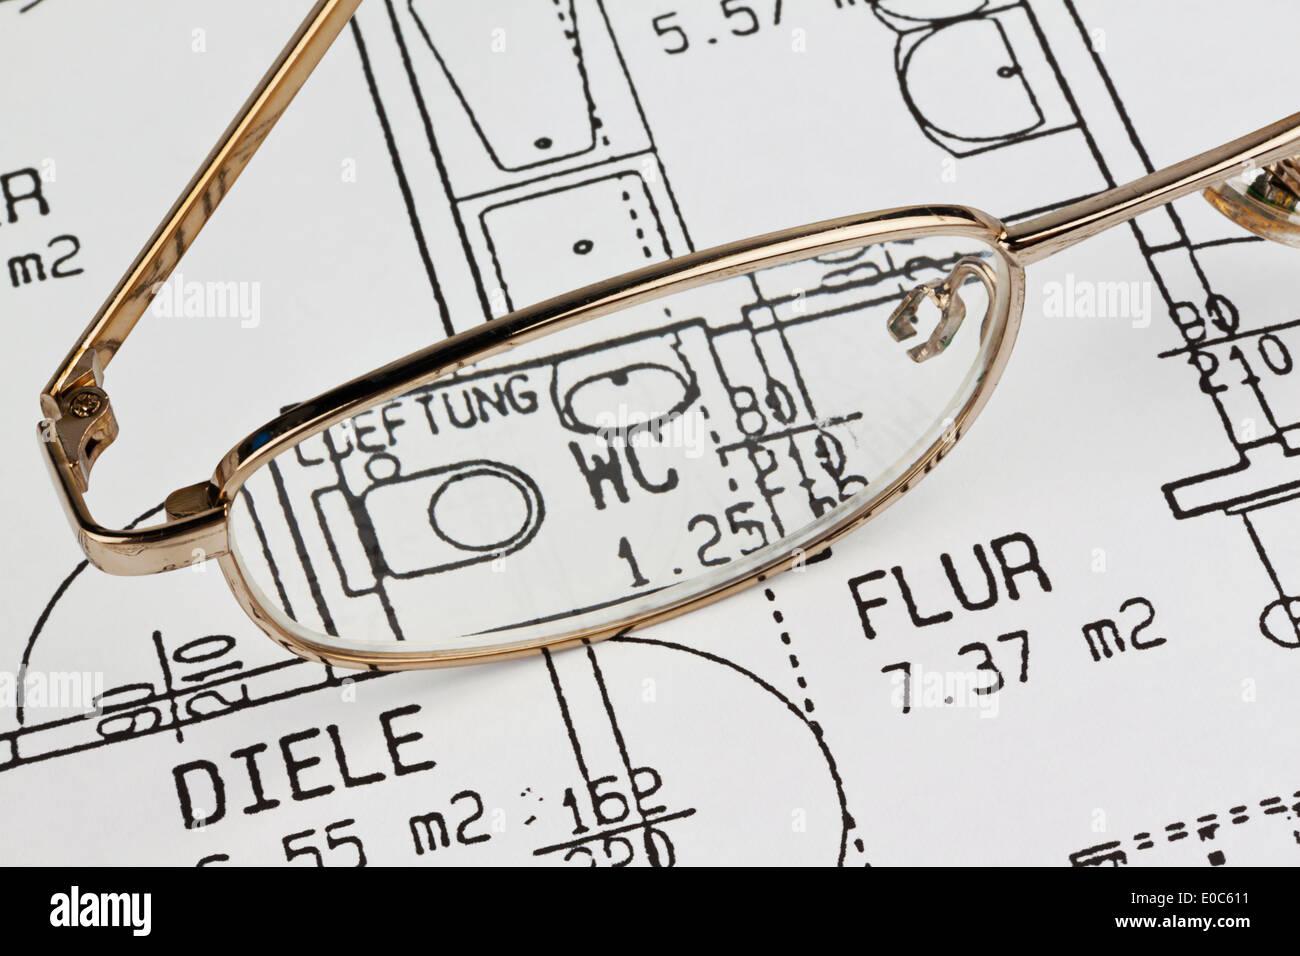 Bauplaene Stockfotos & Bauplaene Bilder - Alamy